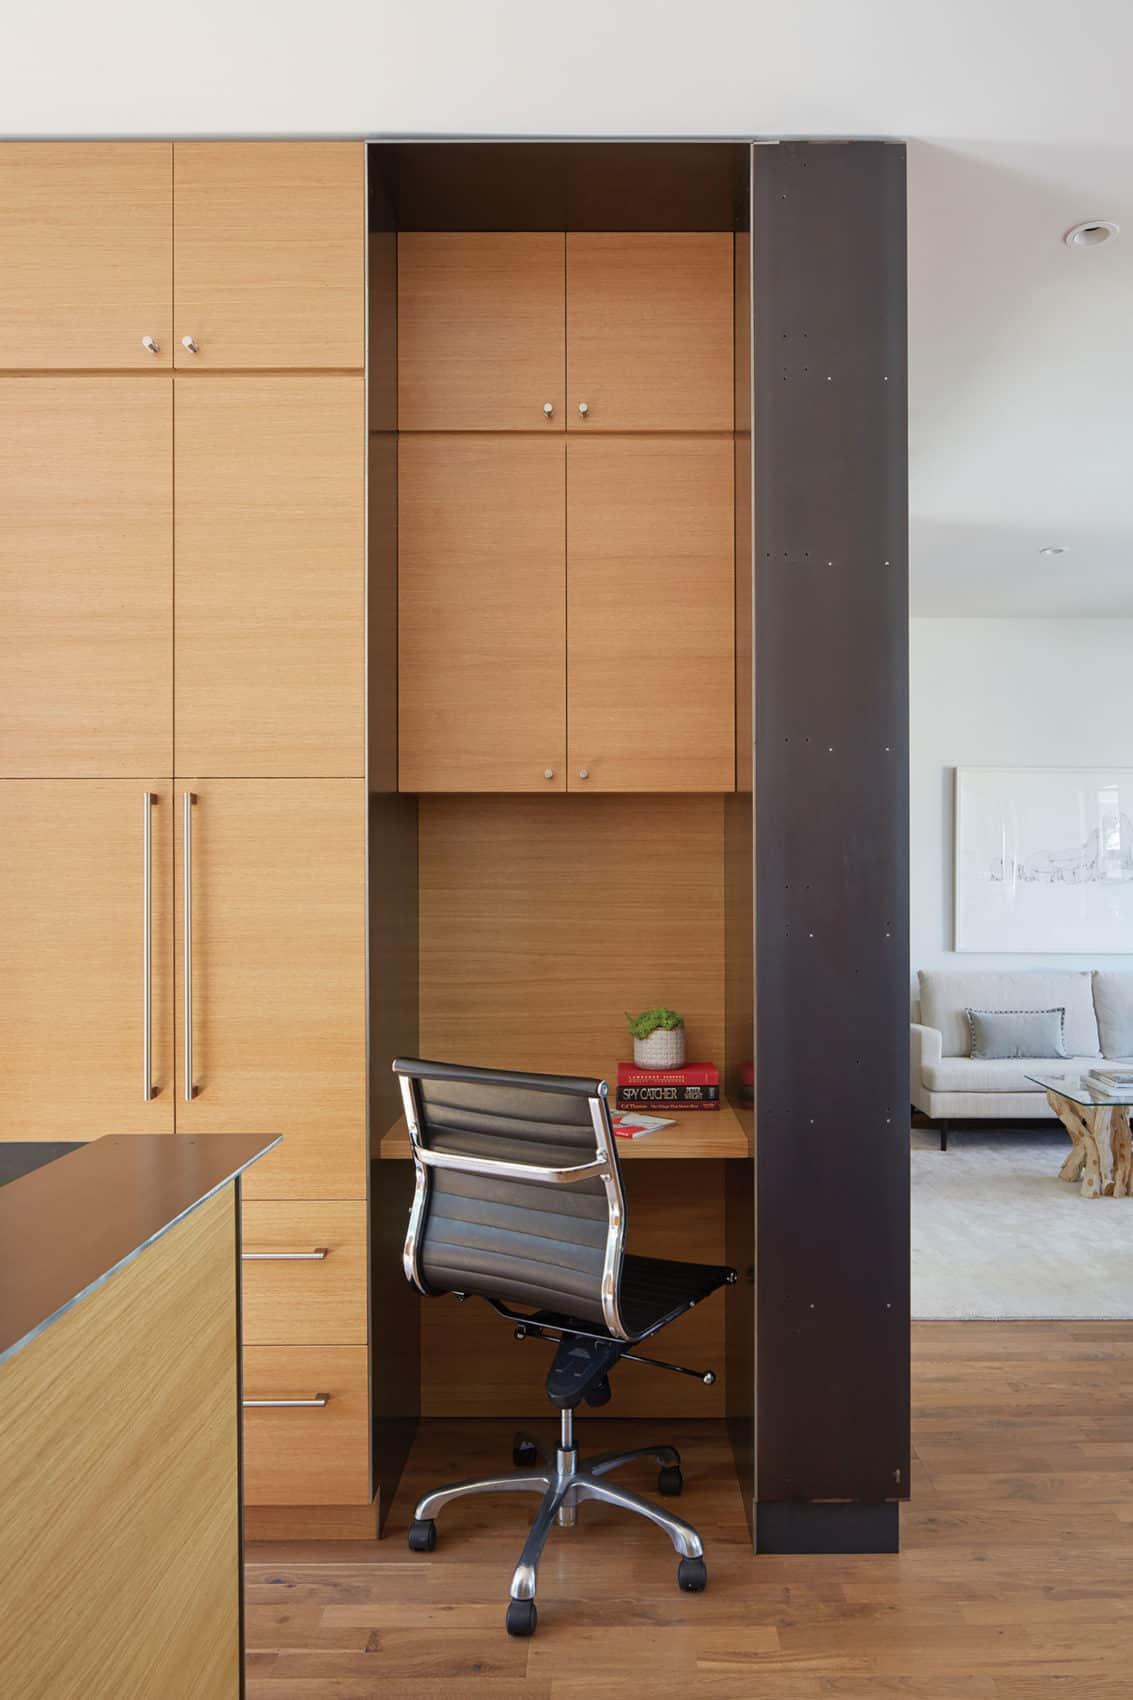 Steelhouse 1 + 2 by Zack   de Vito Architecture (10)